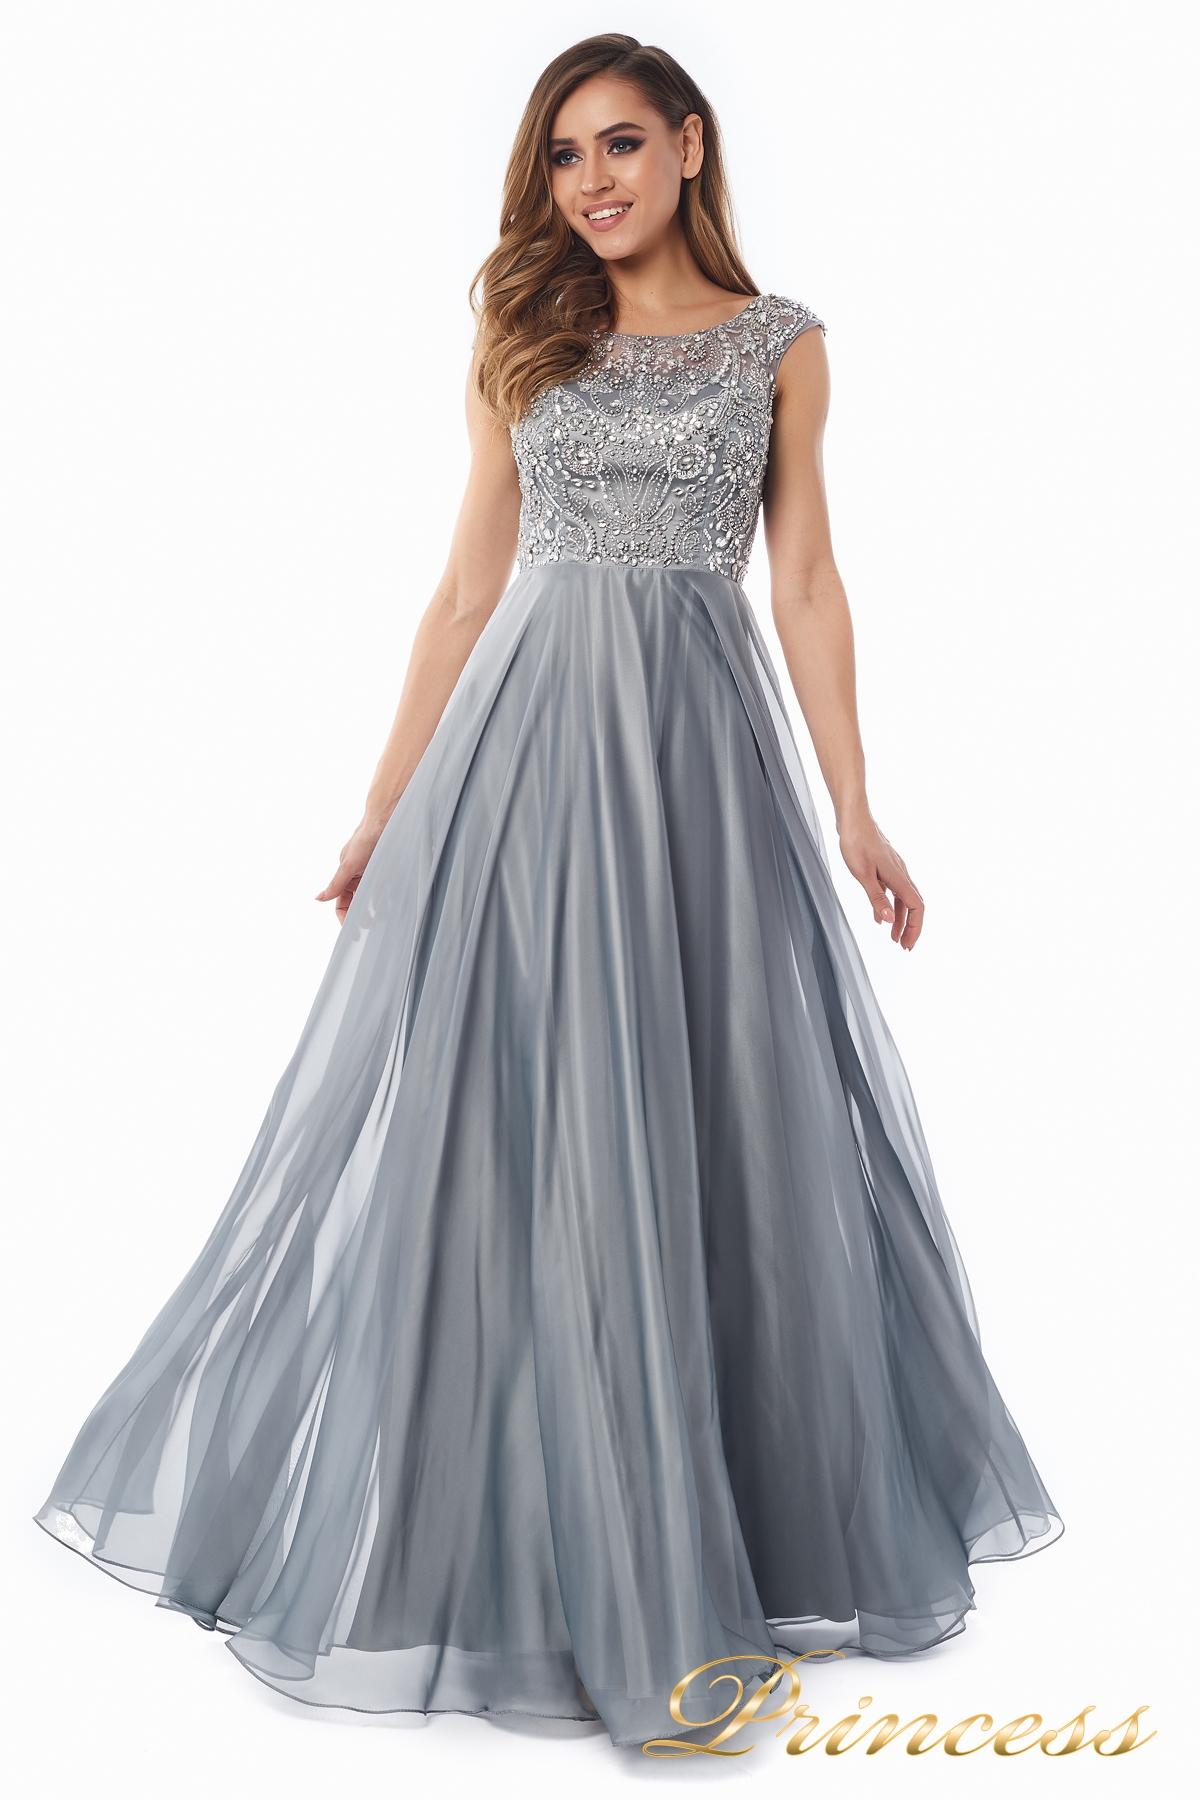 fa09837a0b8 Вечернее платье 80824-171 gray стального цвета. Exclusive. Вечернее платье  ...